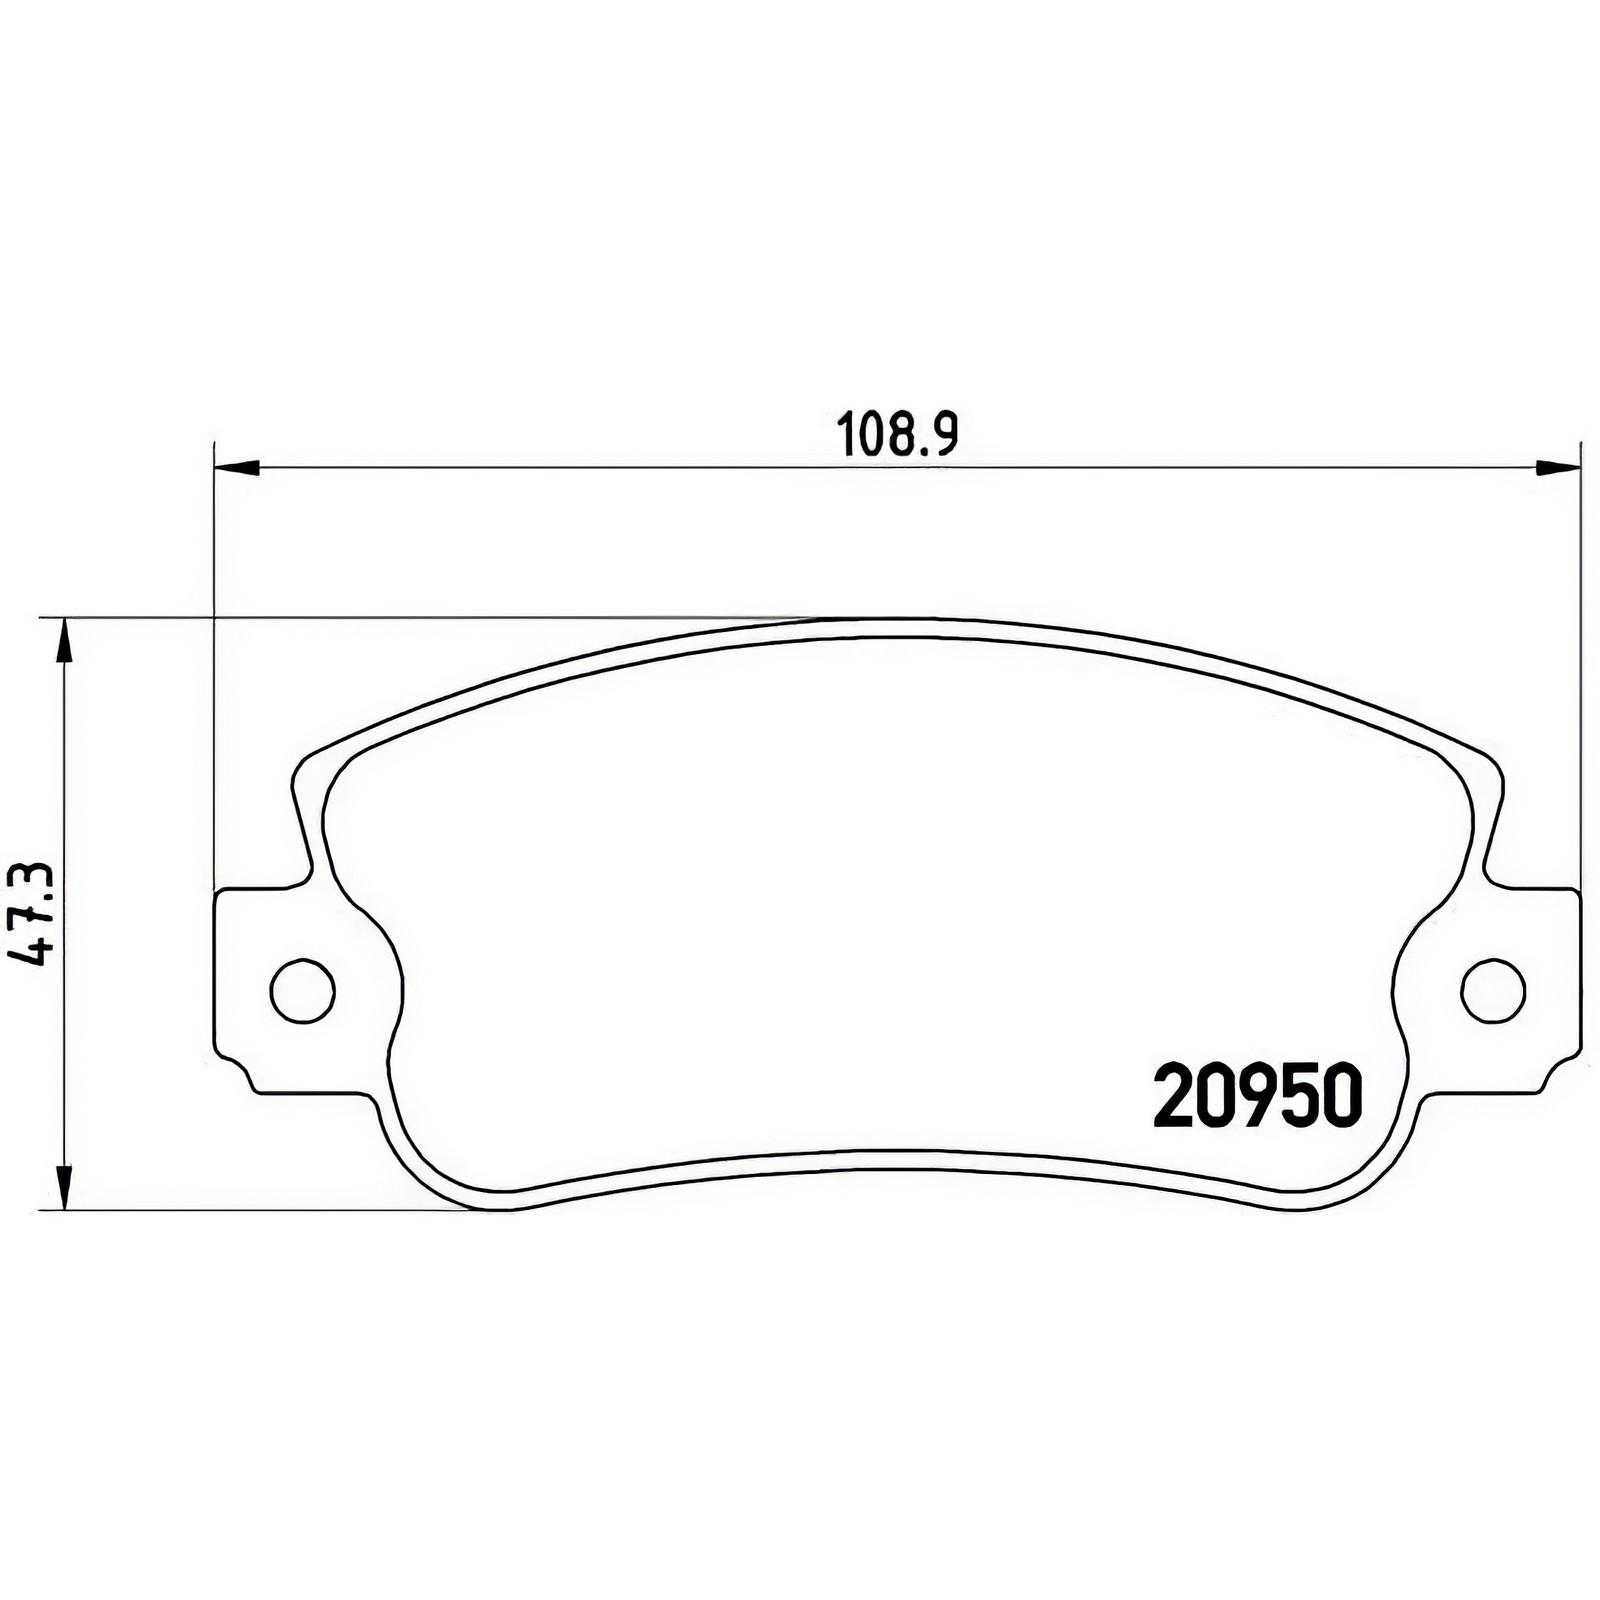 141A KIT PASTIGLIE FRENO ANTERIORE BREMBO FIAT PANDA 1100 KW:40 1995/>2003 P230